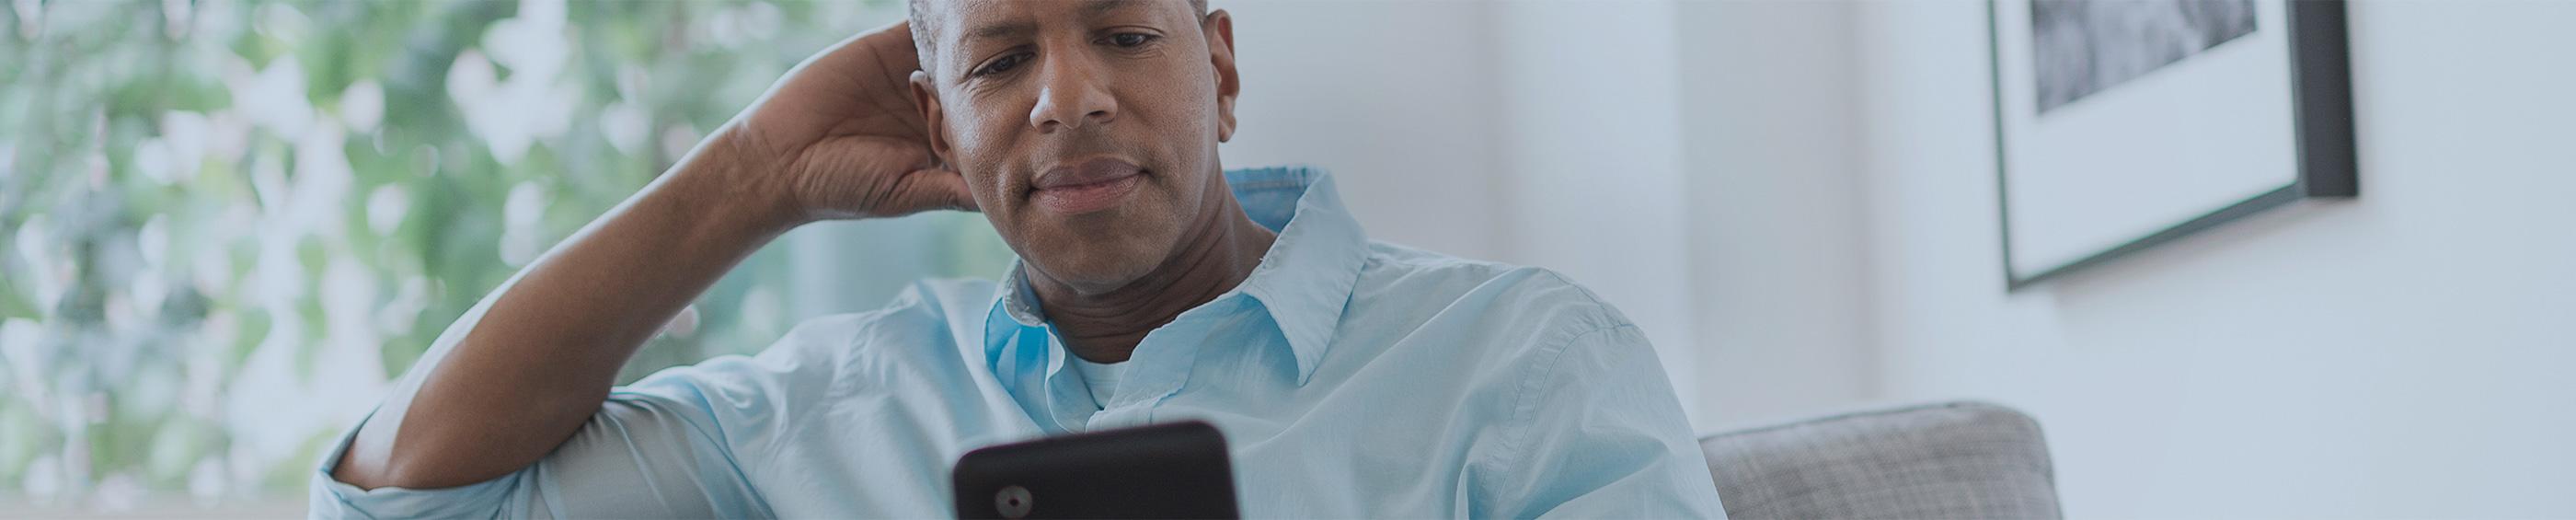 En far læser en artikel om kontaktlinser til børn på sin tablet